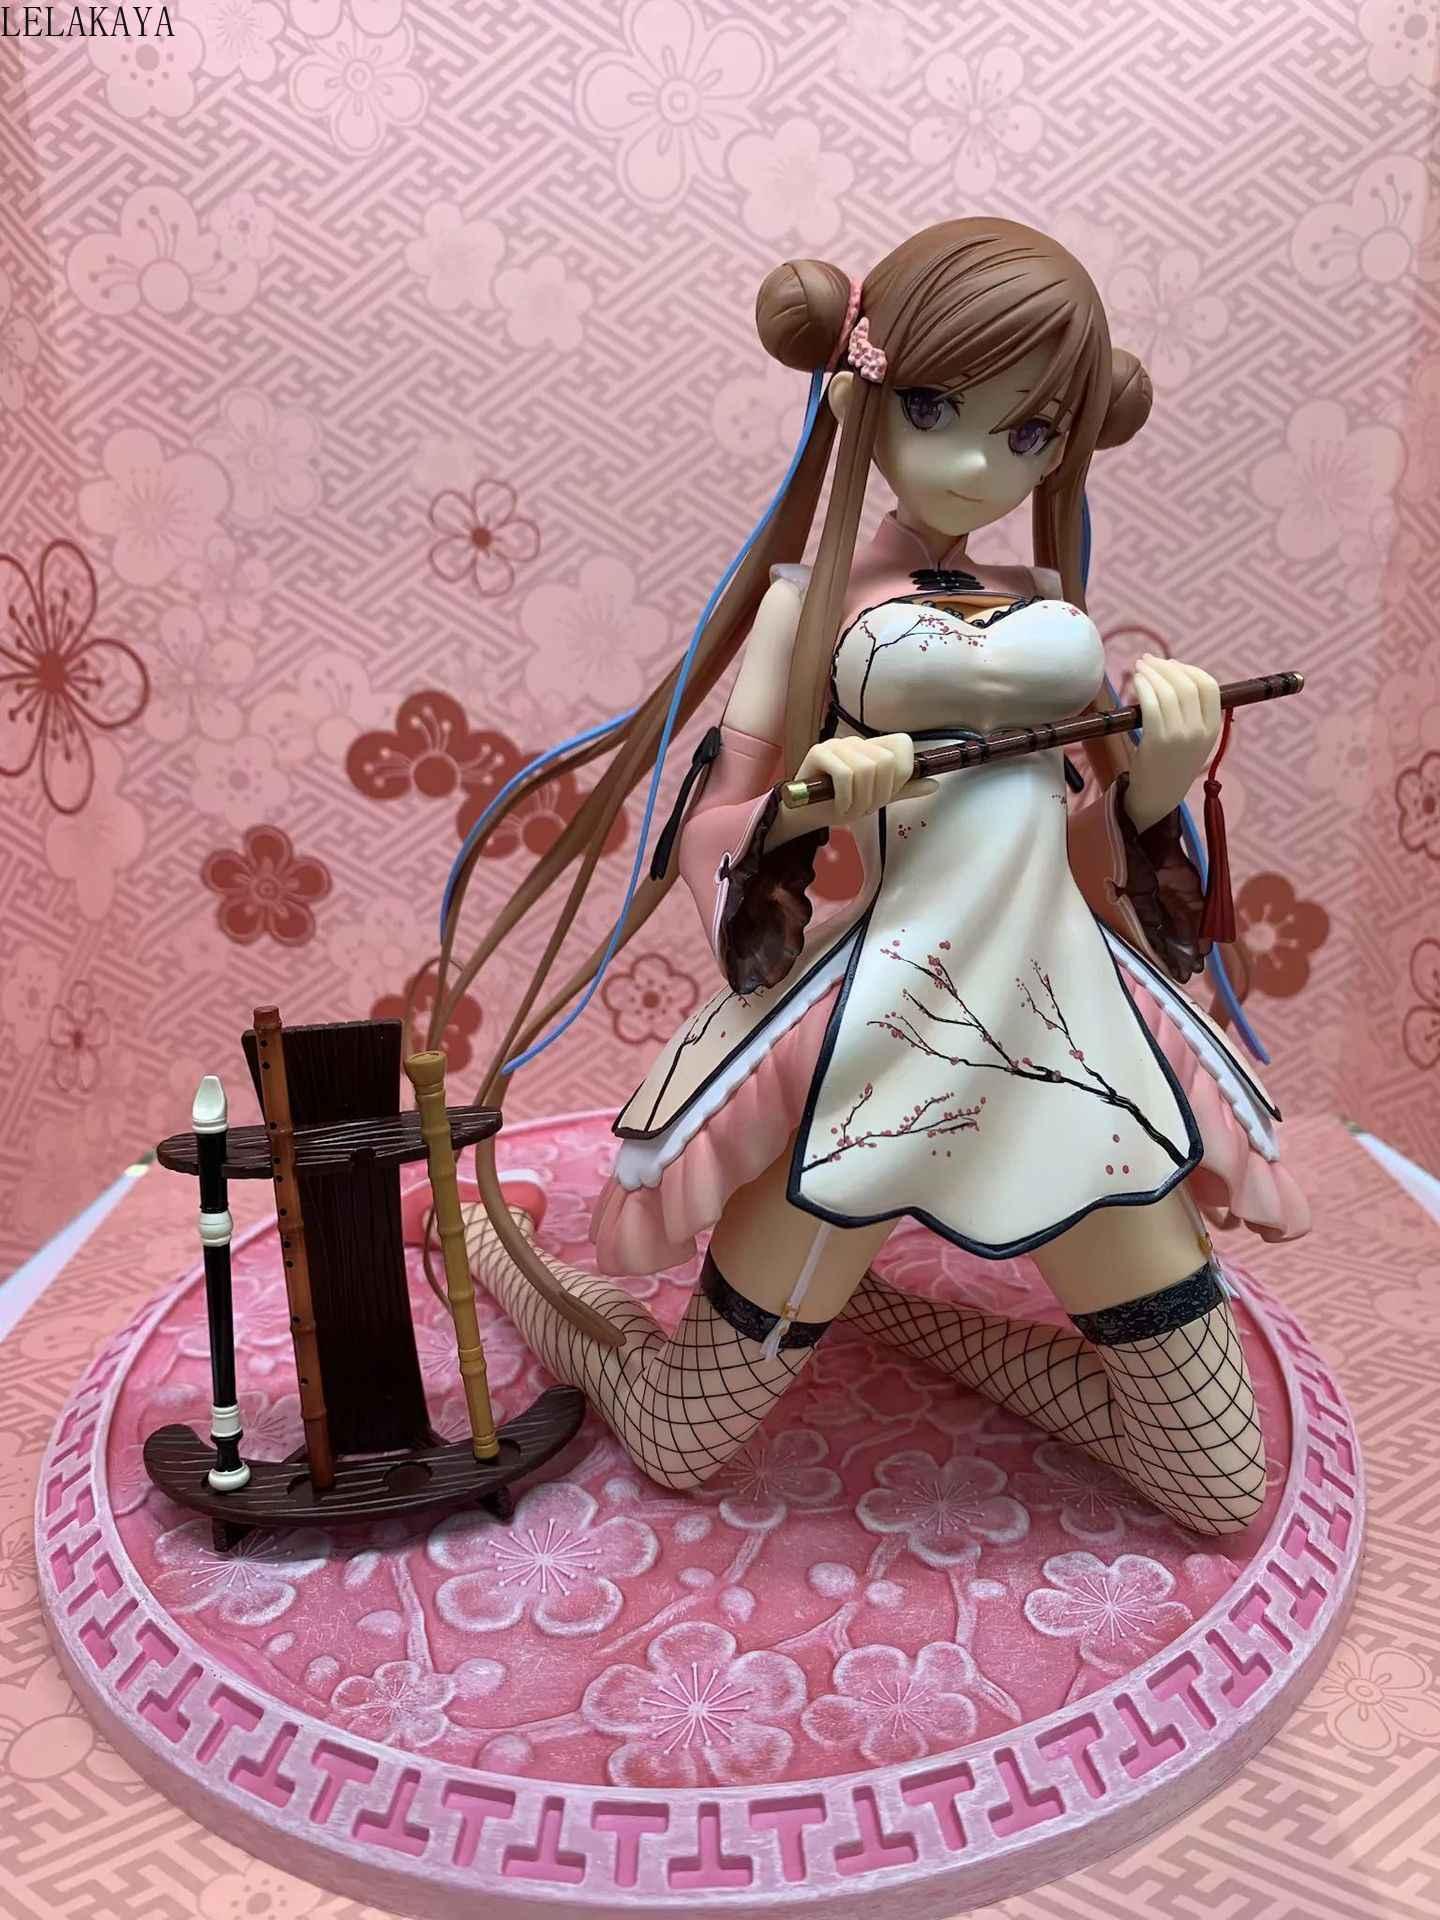 Japão anime skytube premium ver. Chun mei t2 arte menina pvc figura de ação tony sexy menina ver. 1/7 modelo brinquedos brinquedos boneca presente